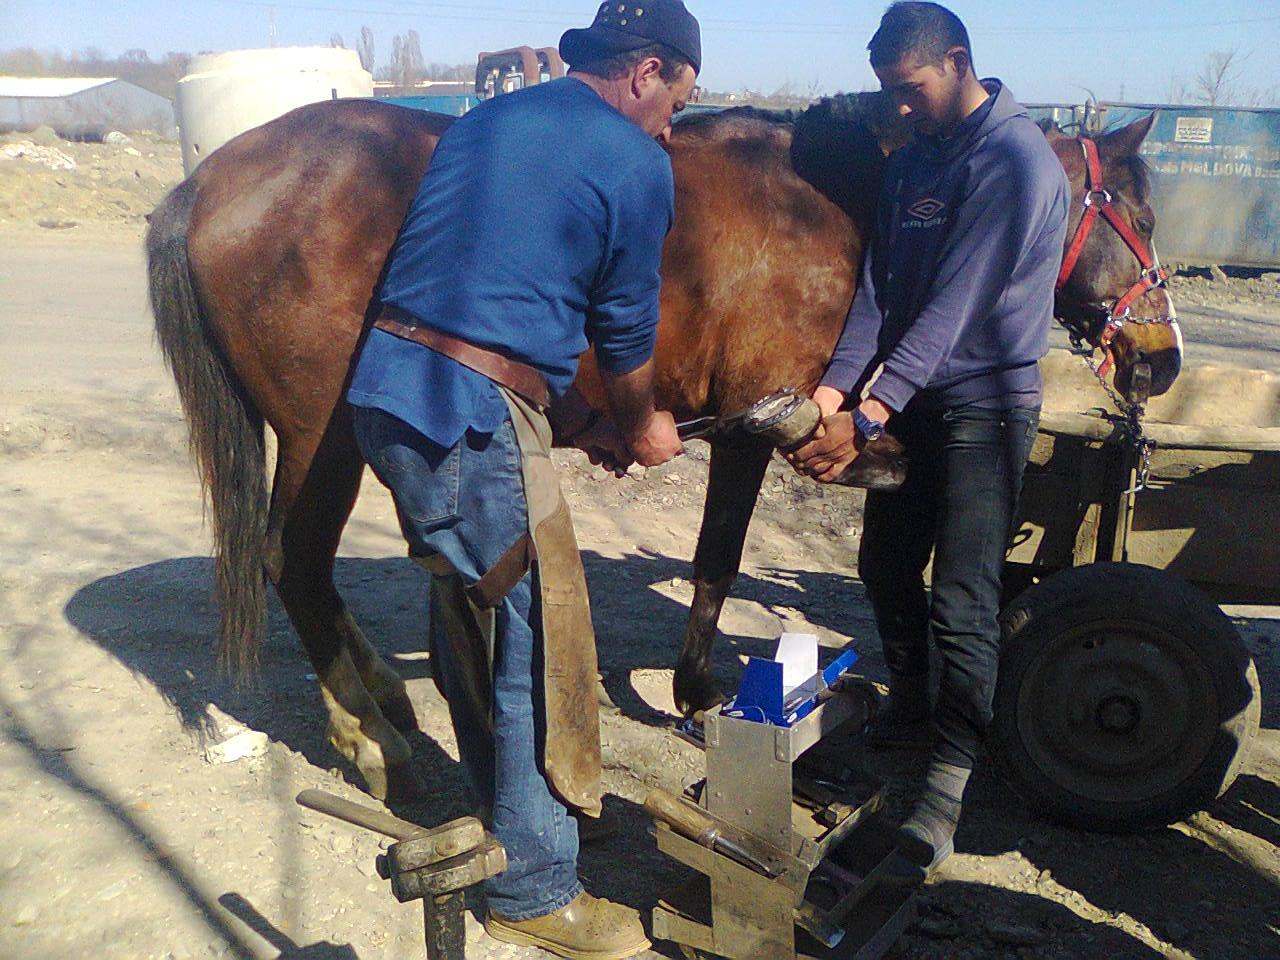 Hufschmied Petrika beschlägt ein Pferd fachgerecht mit unseren beliebten deutschen Spezialhufeisen. Der Besitzer hatte alle Auflagen erfüllt. Das Pferd ist gut genährt und gut gepflegt, der Besitzer hat sich diese teure Belohnung verdient, das ist eine NACHHALTIGKEIT die wirklich die einzelnen Pferdeleben dauerhaft verbessert !!